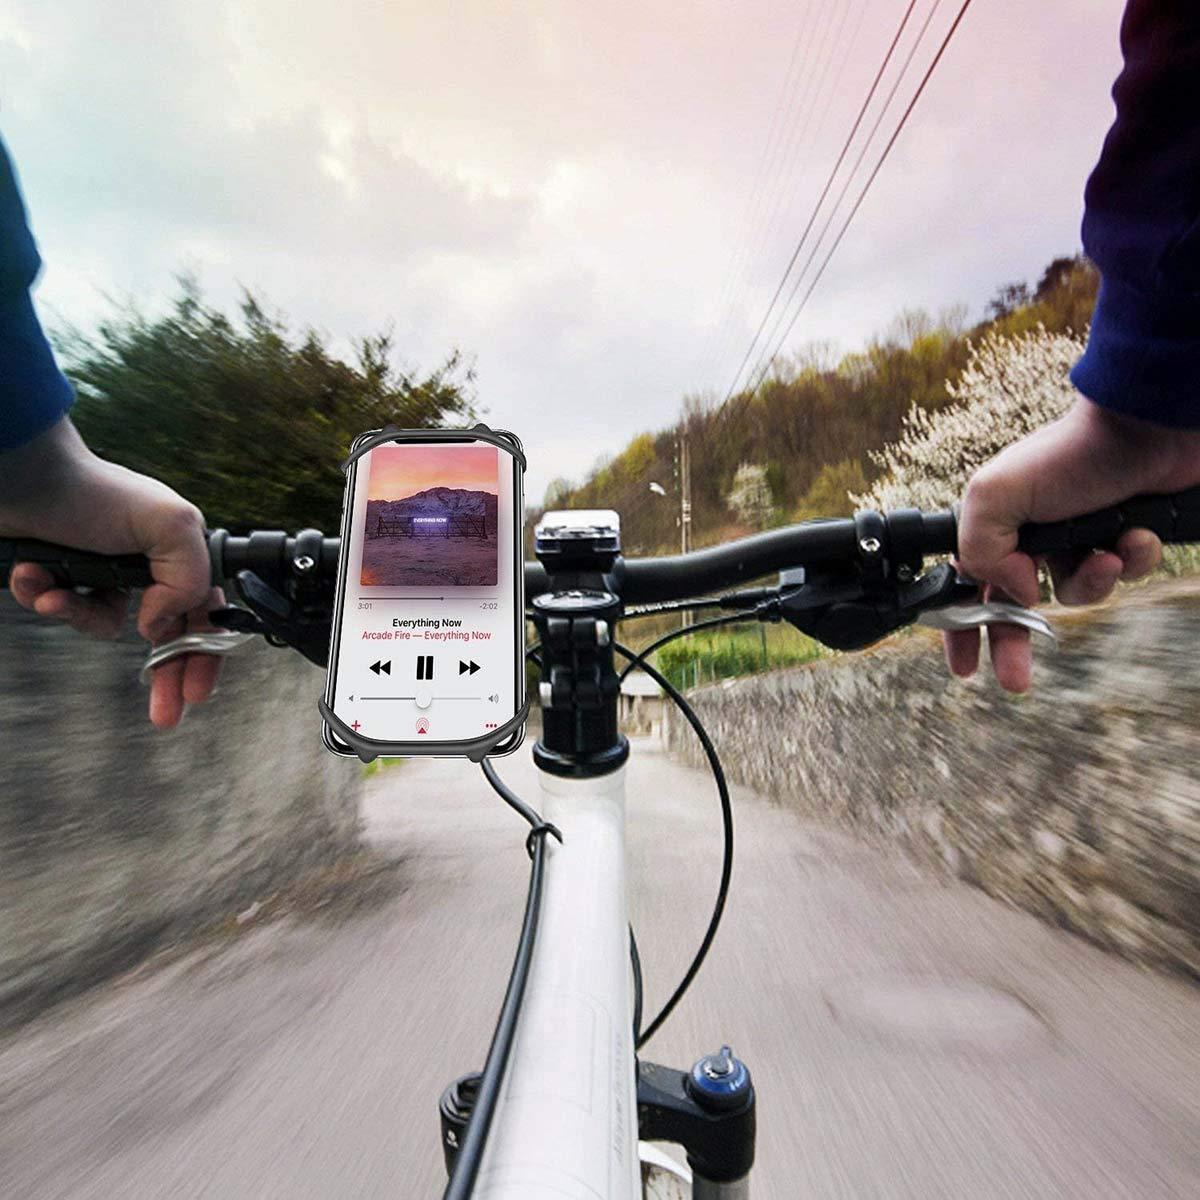 Soporte M/óvil Bicicleta Bothink Soporte M/óvil Moto /& Bici Ajustable Silicona Soporte De Tel/éfono Para Bicicleta Manillar Compatible con iPhone Samsung y 4-6 Smartphones Negro 1+1